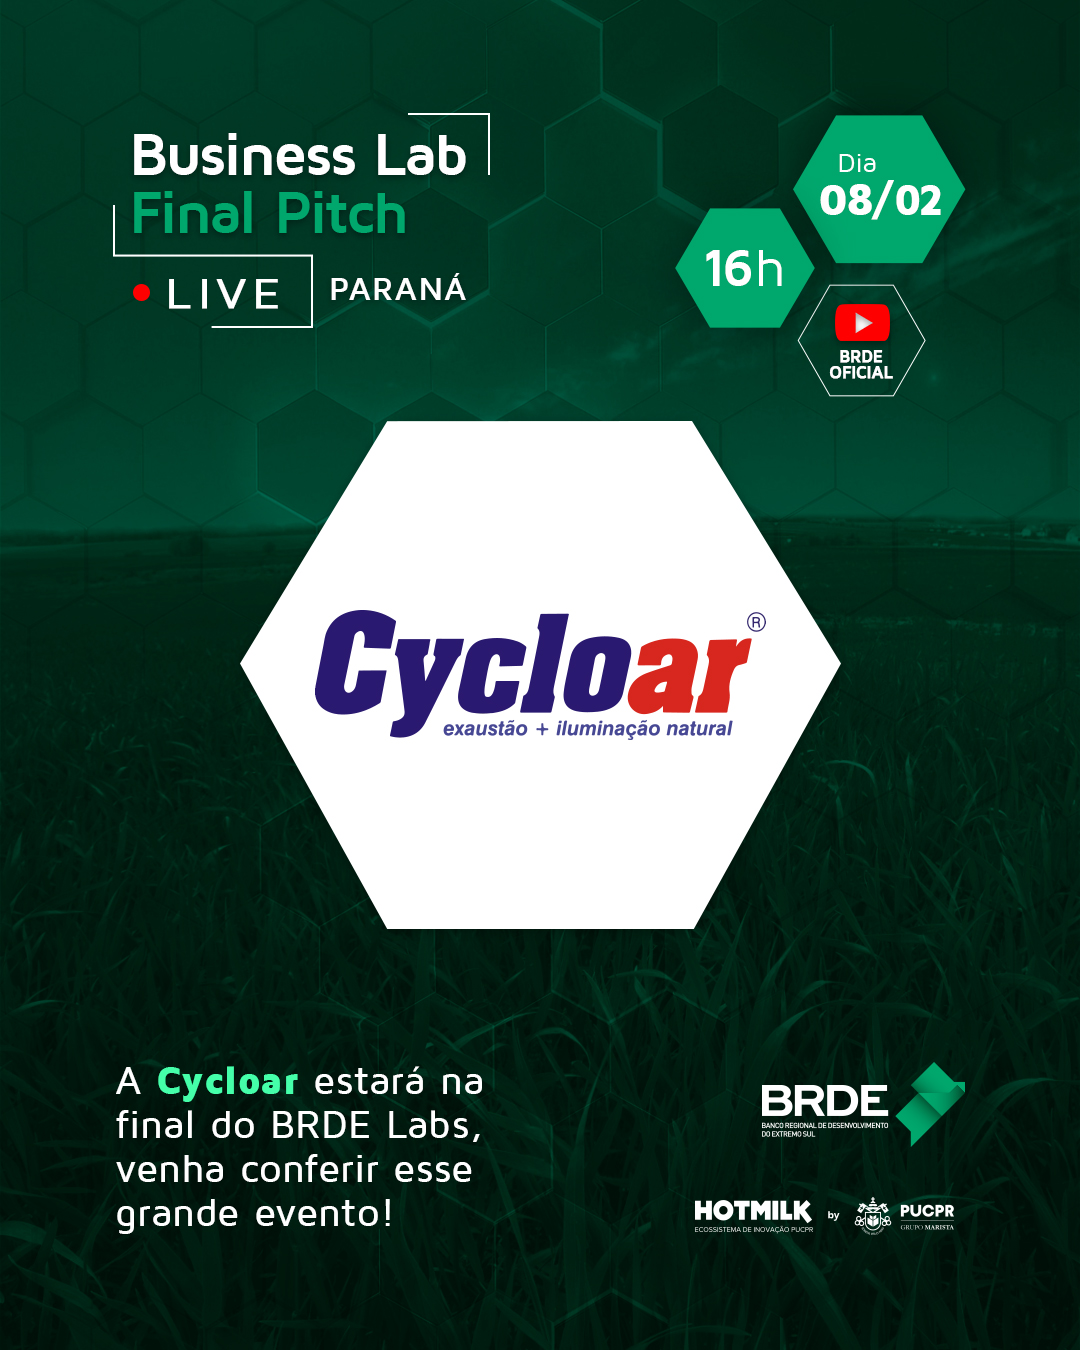 Startups finalistas do BRDE Labs apresentam seus projetos inovadores